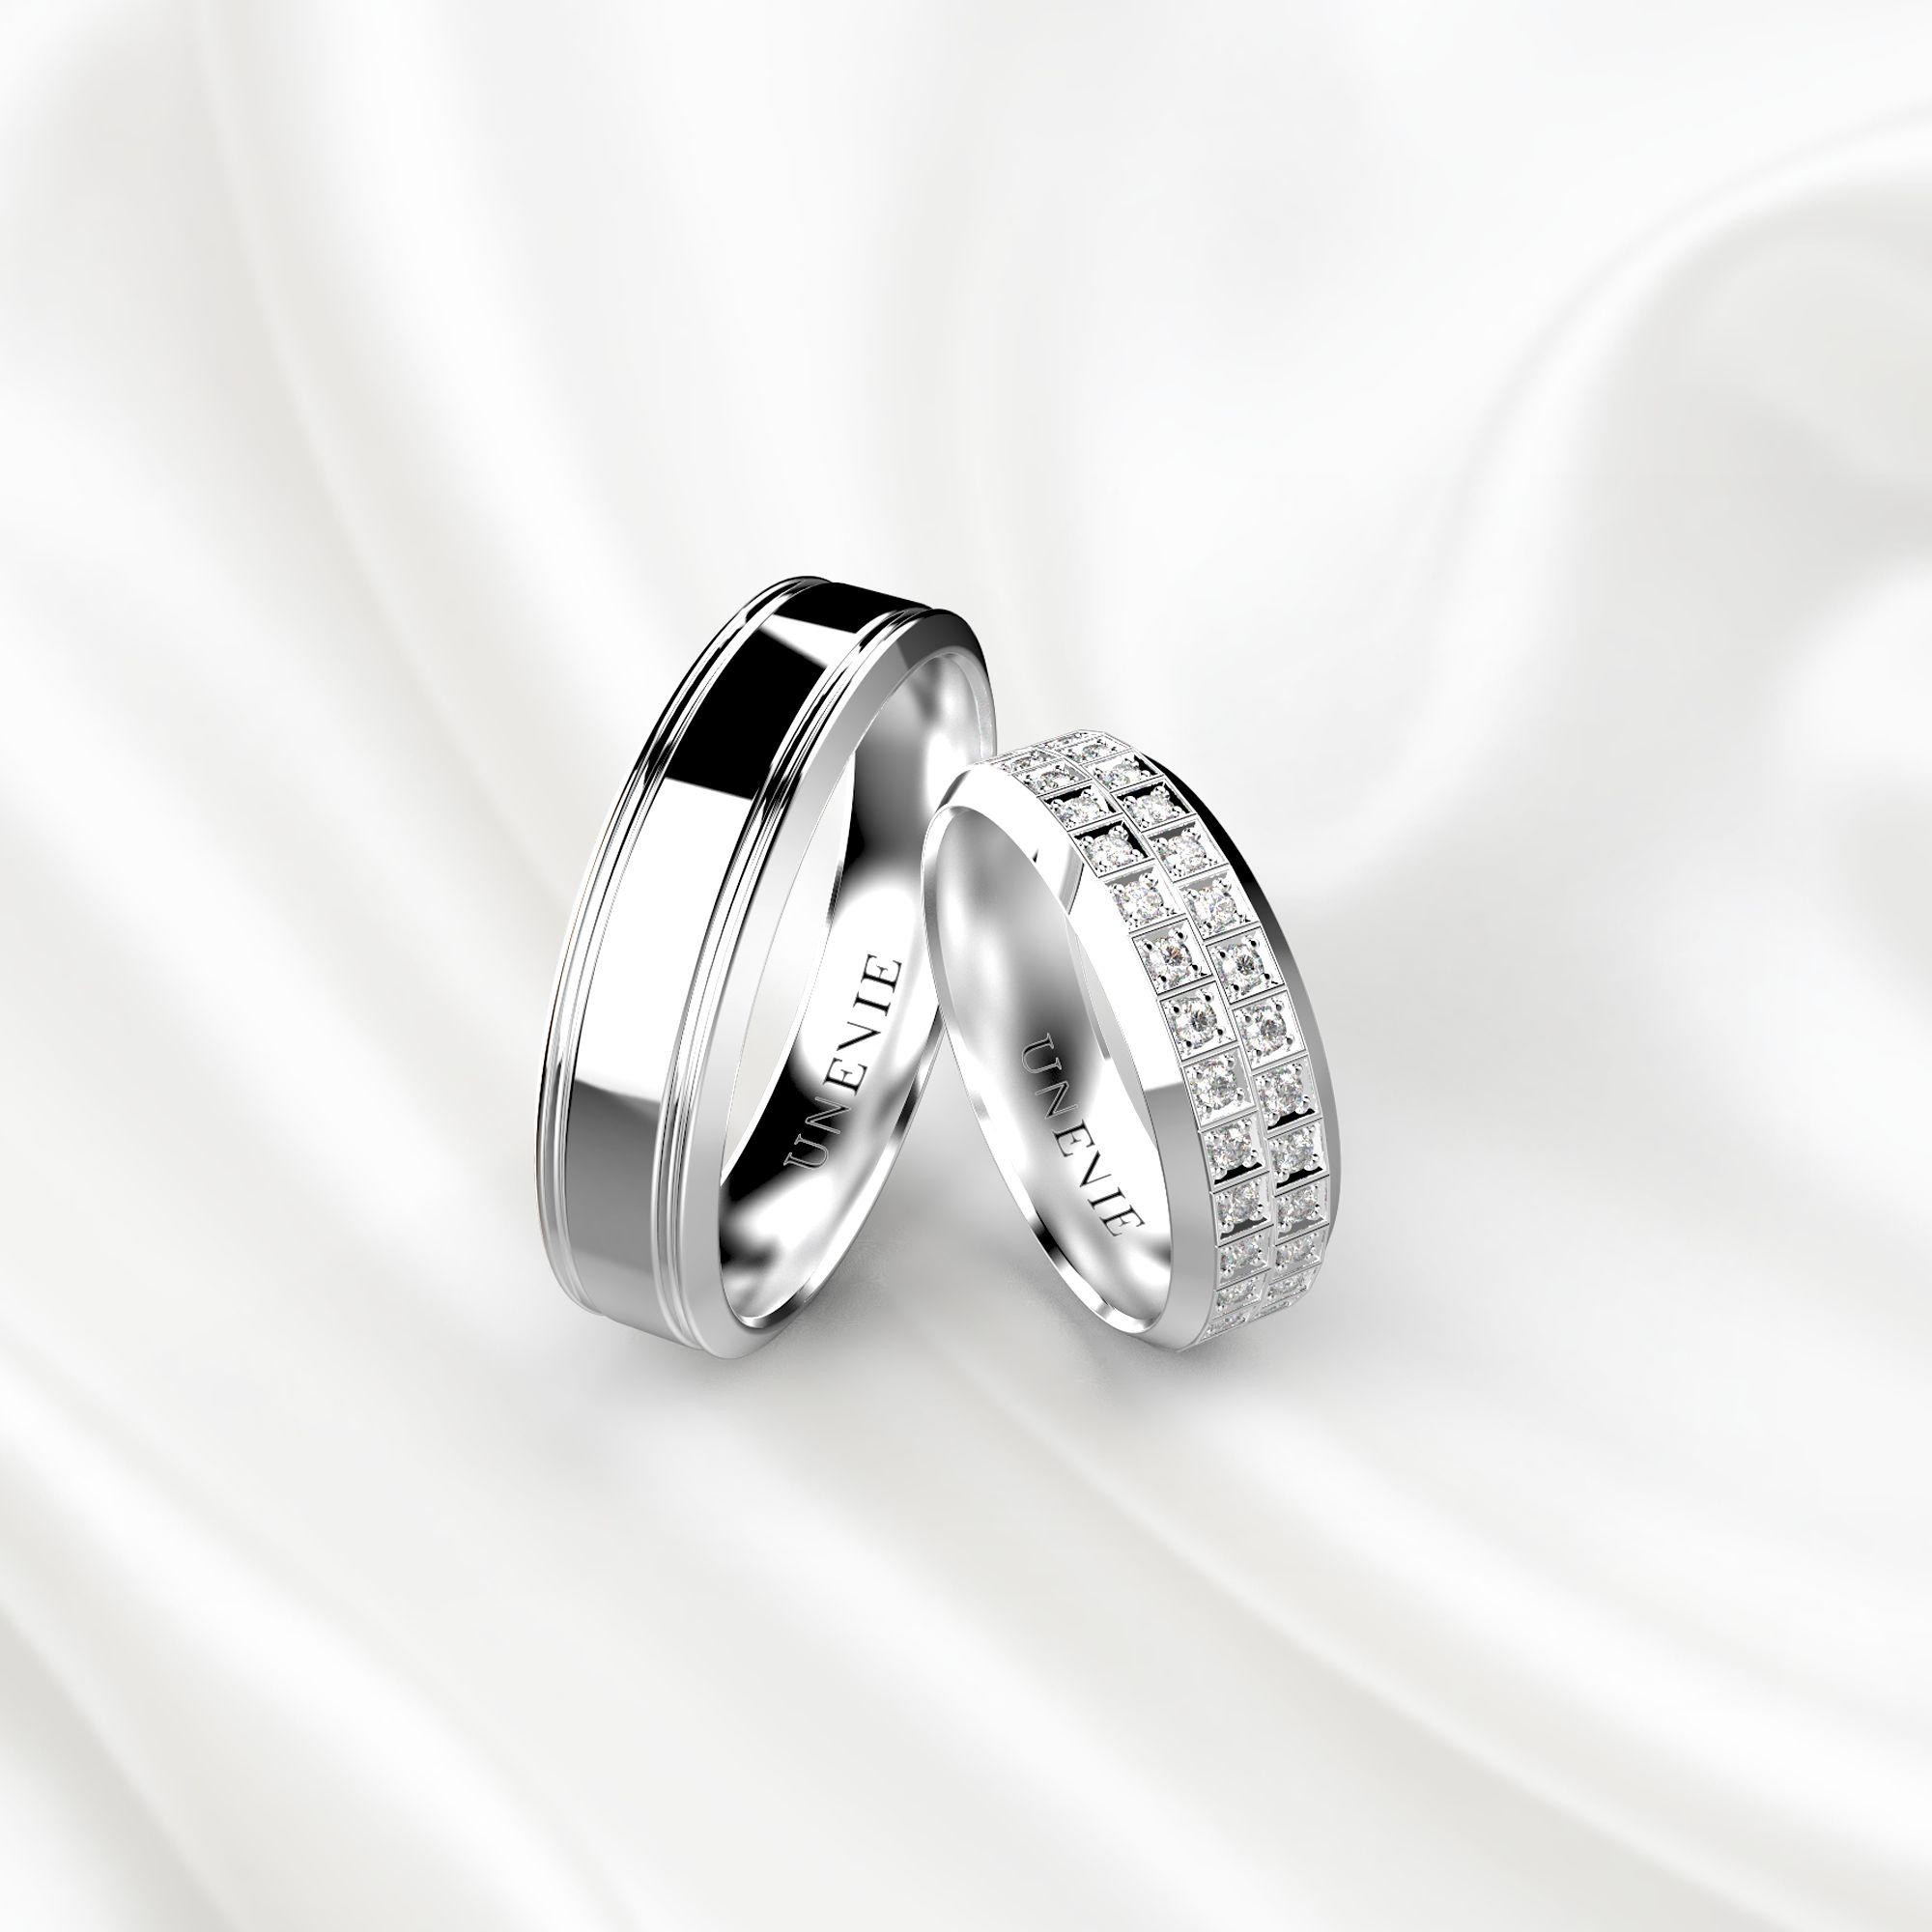 NV21 Обручальные кольца из белого золота